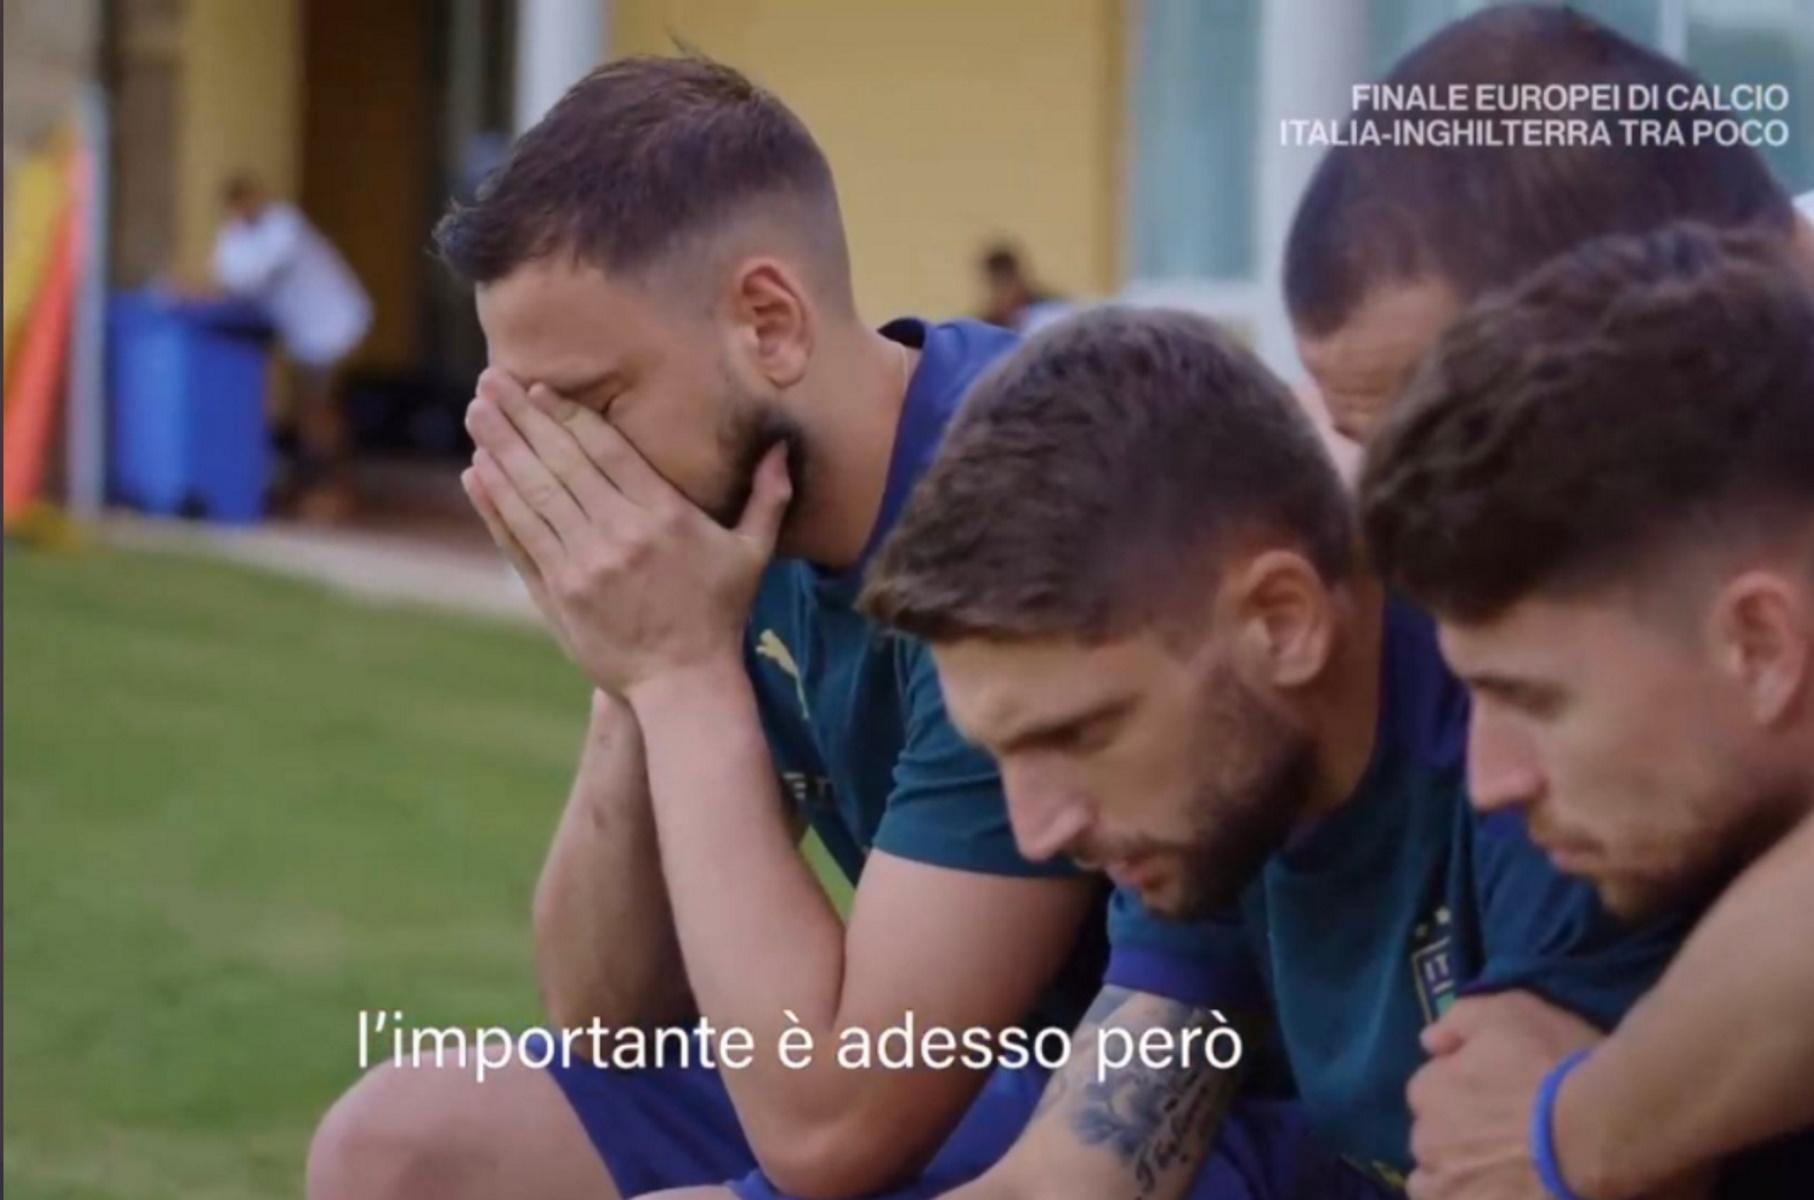 Εθνική Ιταλίας: Το σοκ των πρωταθλητών Ευρώπης στην κατάρρευση του Έρικσεν – Έφυγε με δάκρυα ο Μπαρέλα